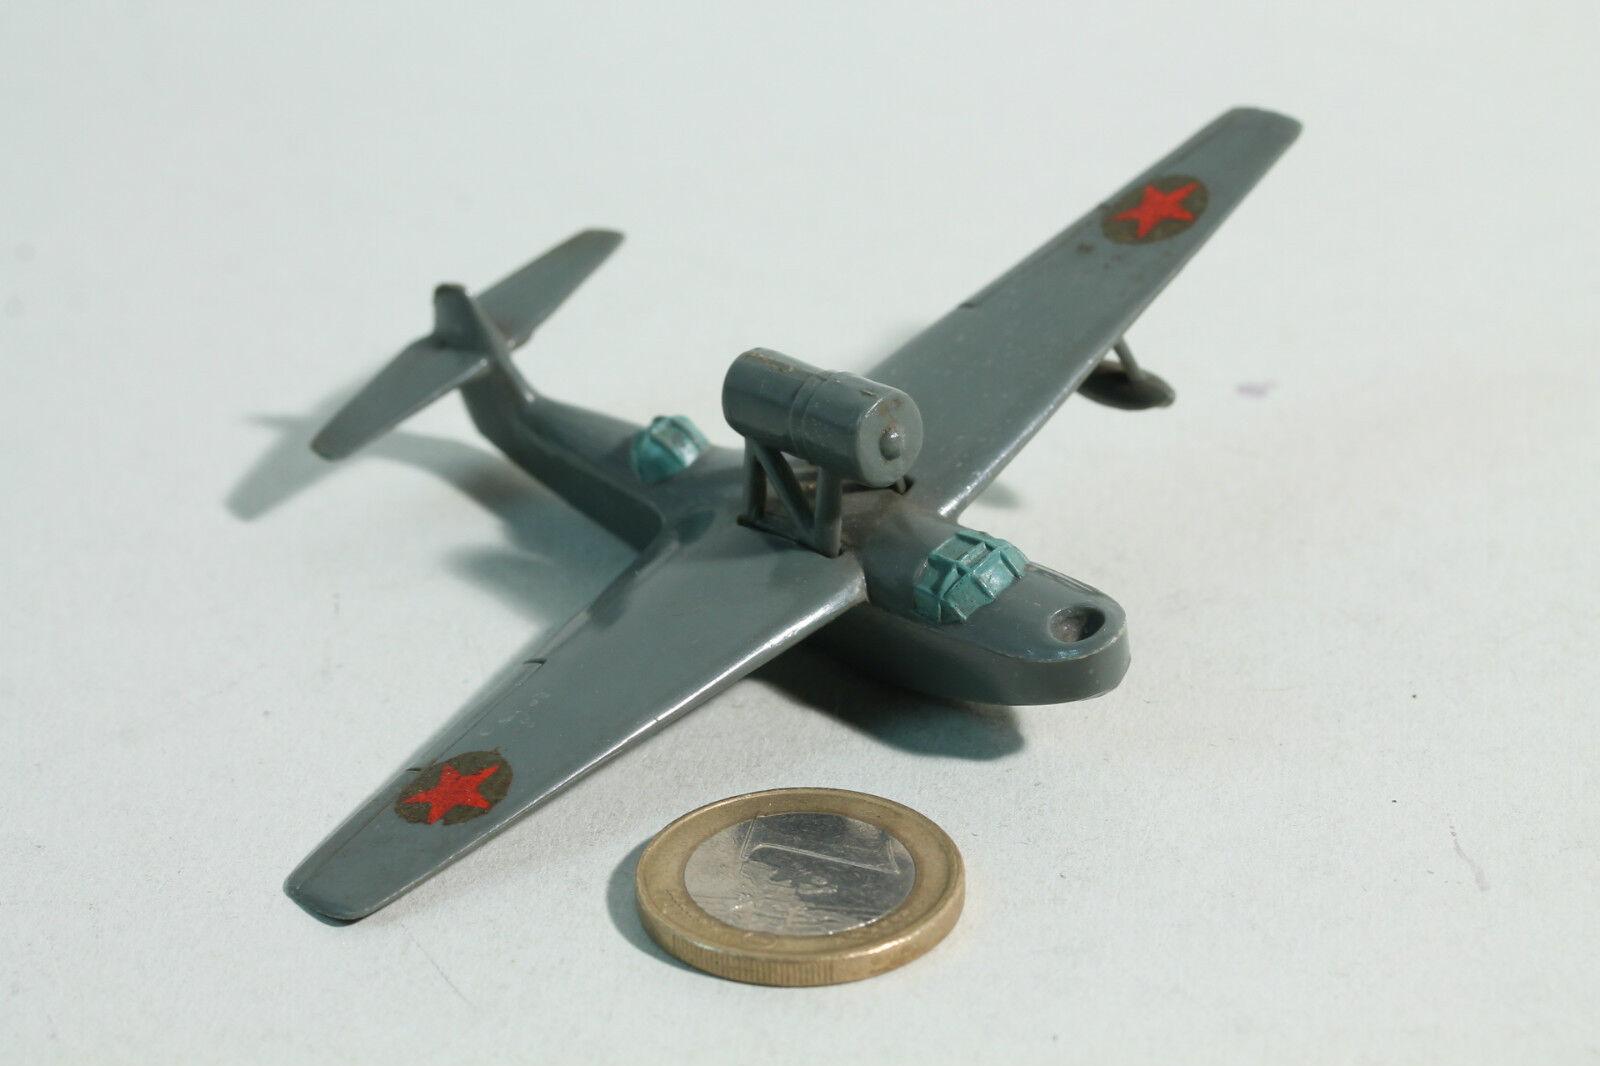 1940er Wiking avión R 8 berijew mbr-2 1 200 pre WW II Airplane